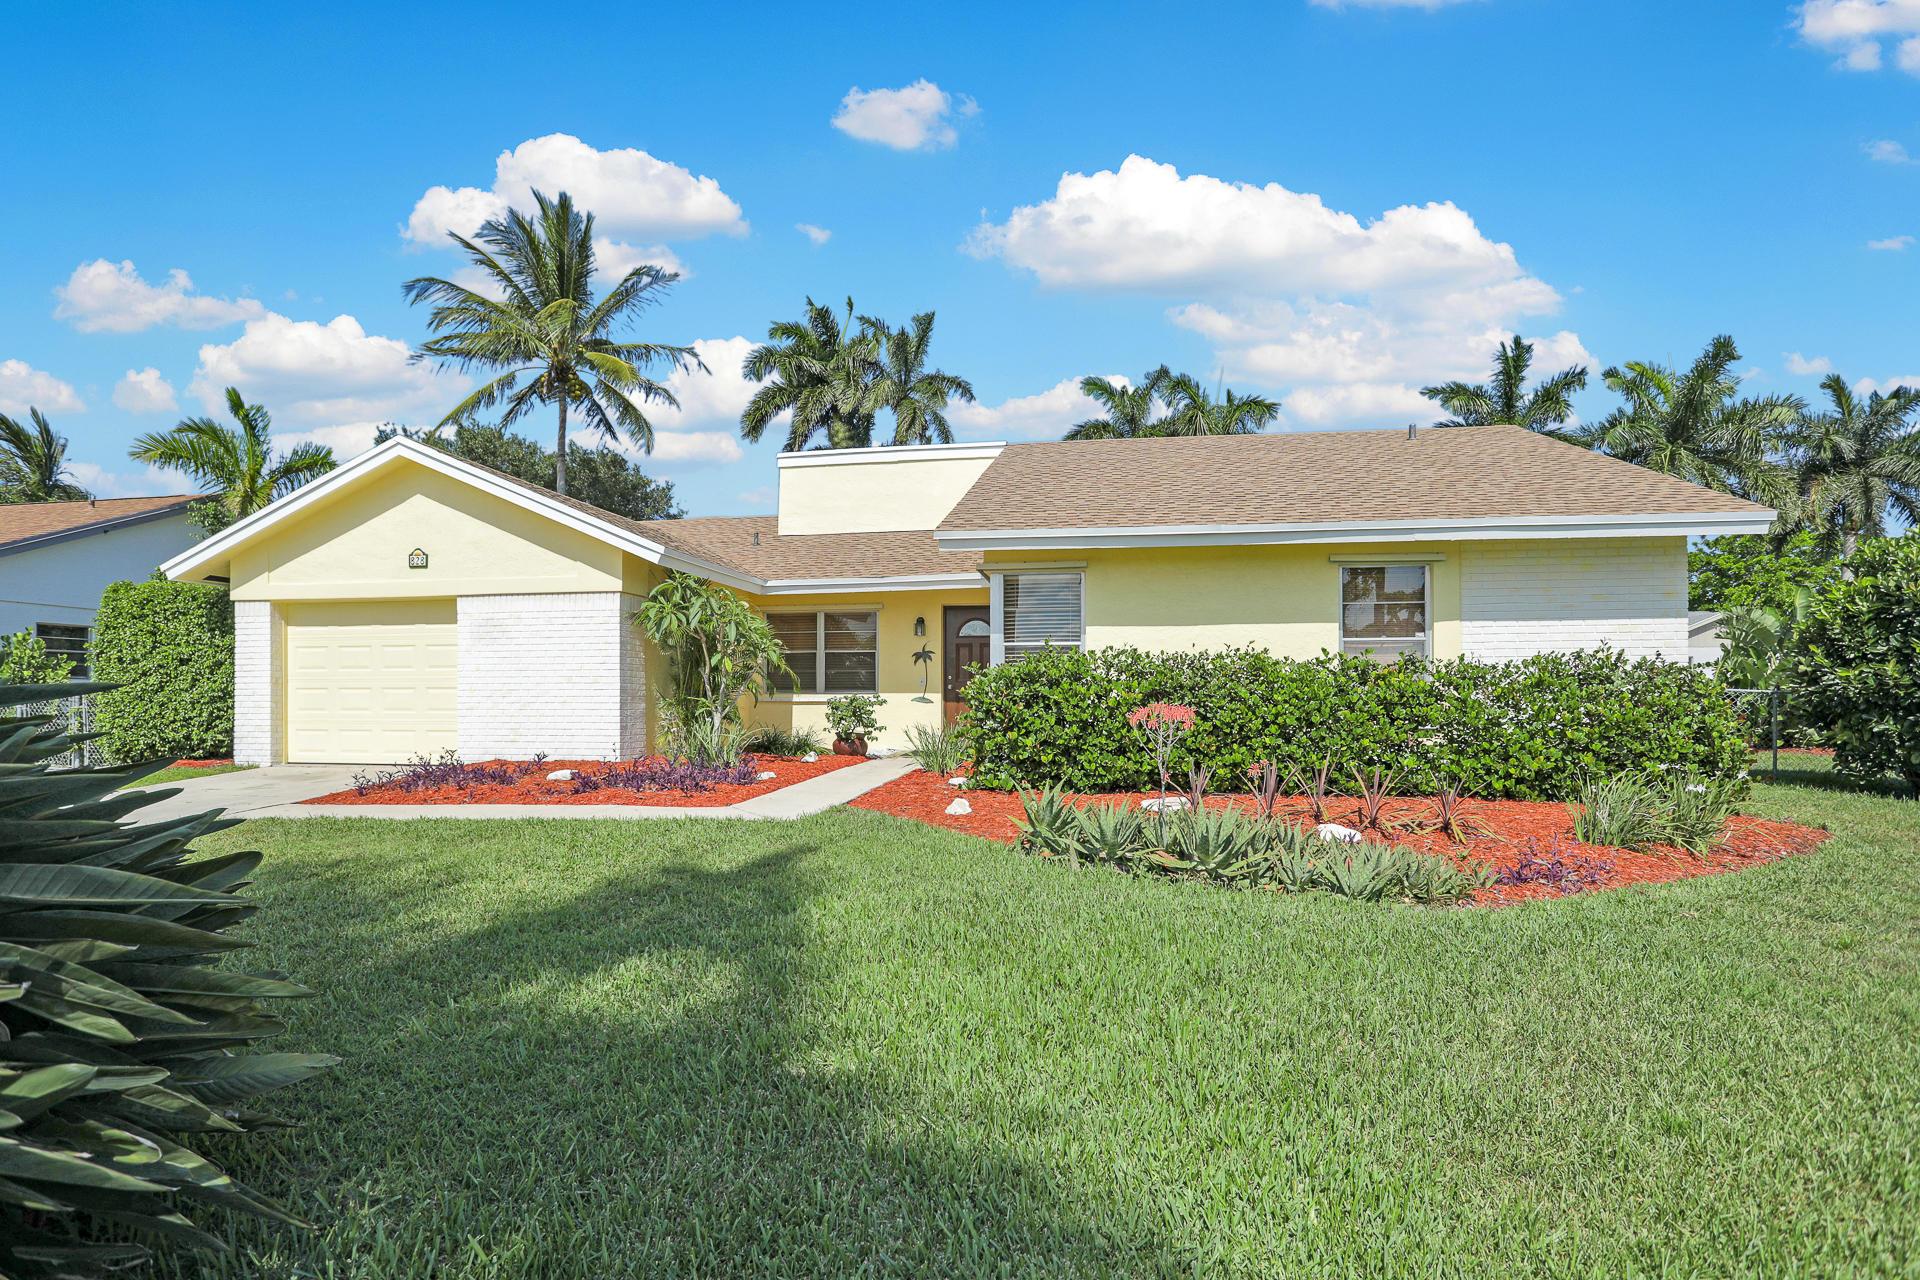 828 NW 9th Way Boynton Beach, FL 33426